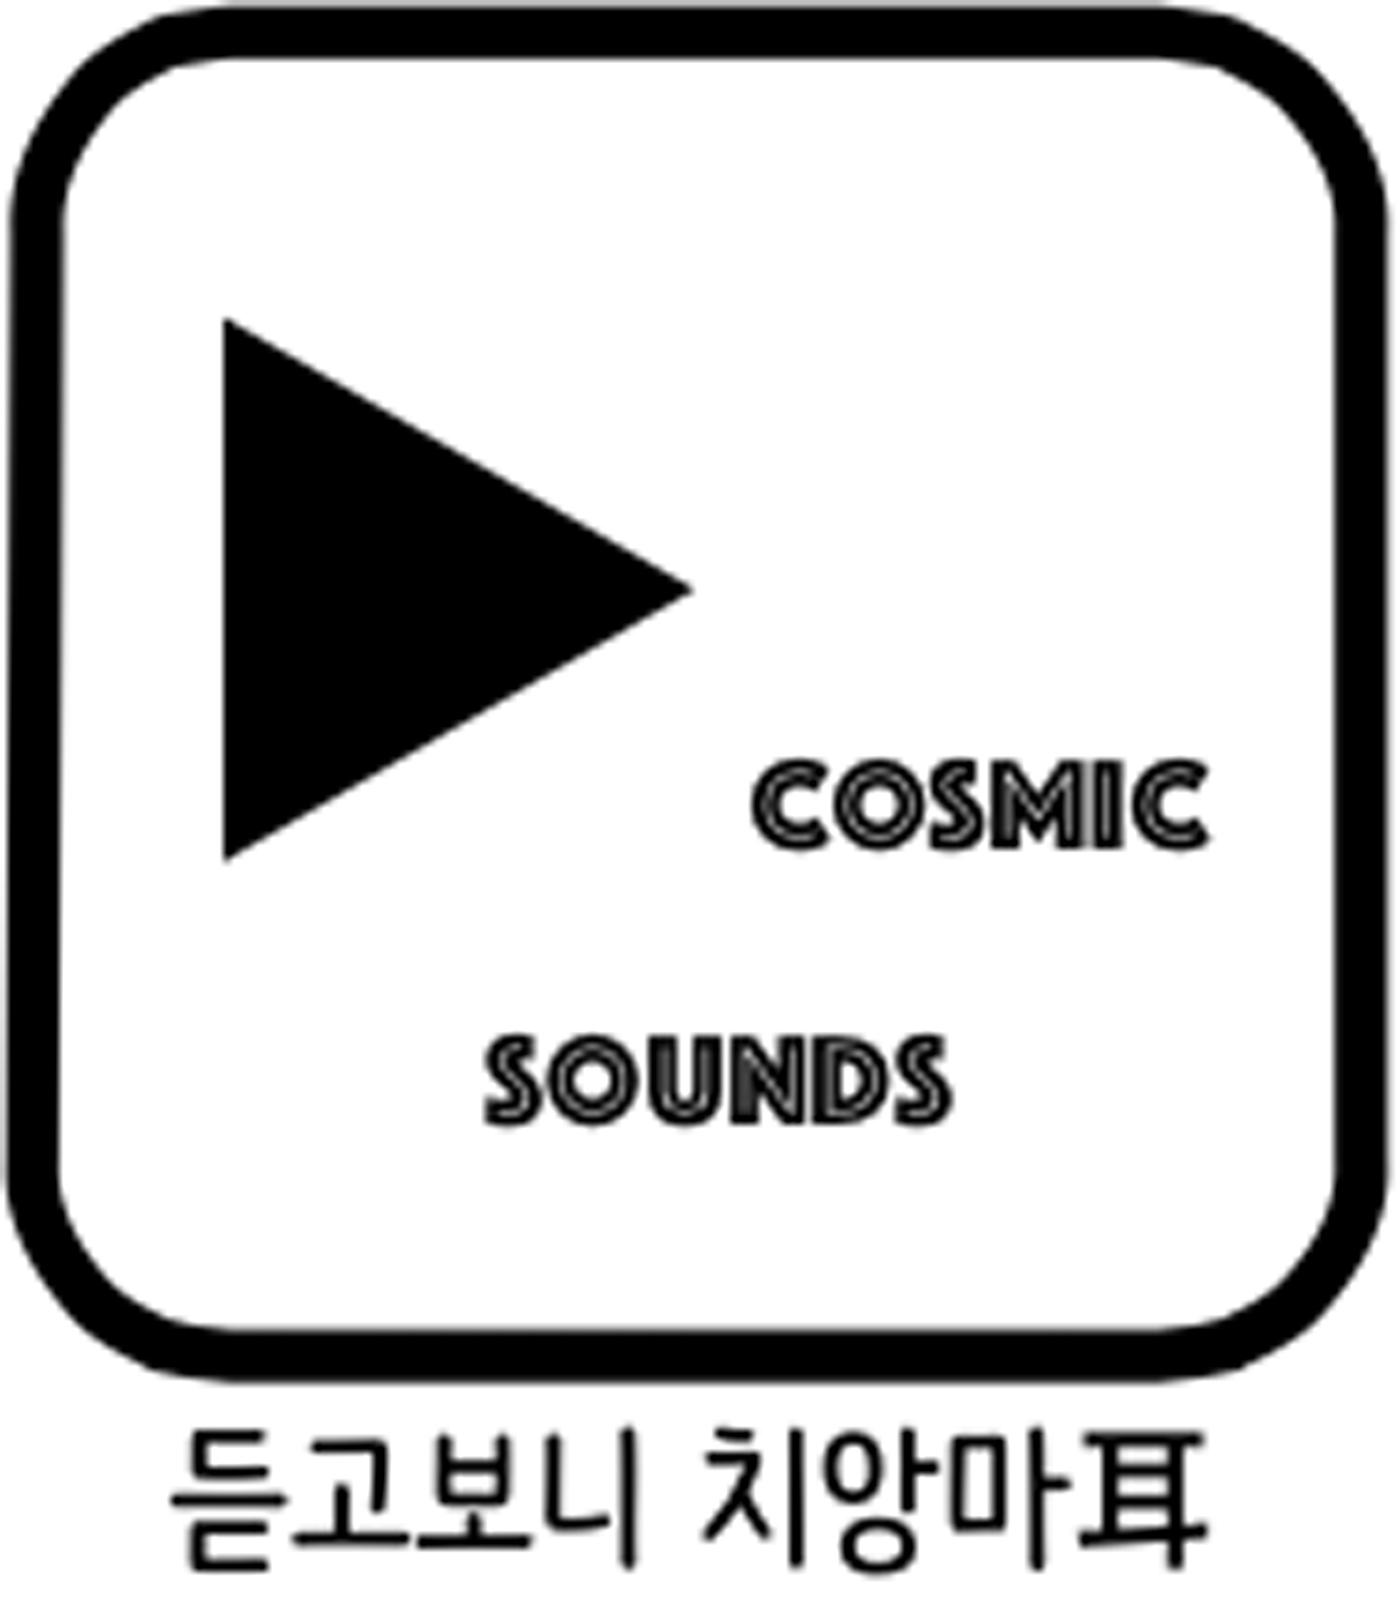 Cosmicsound_듣고보니 치앙마耳